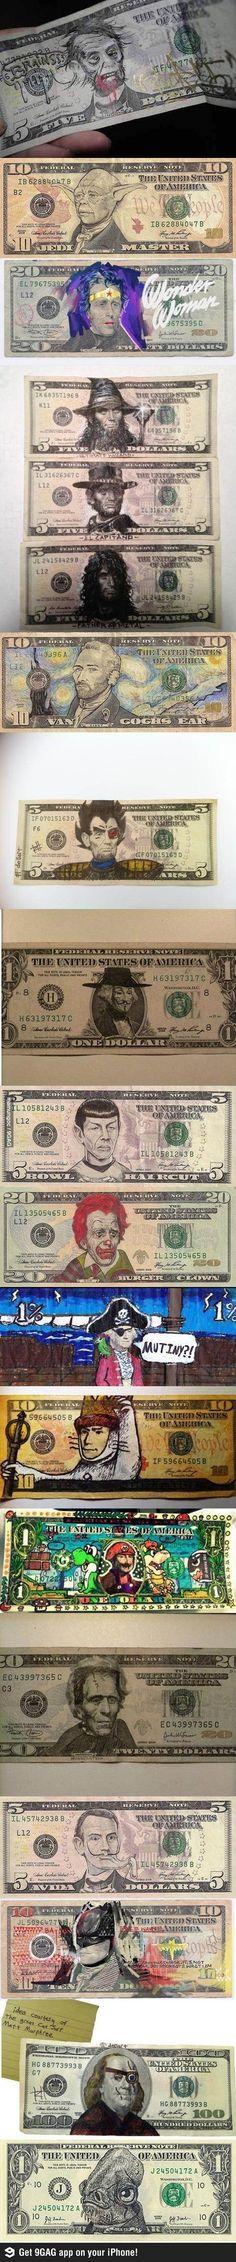 redesigned money